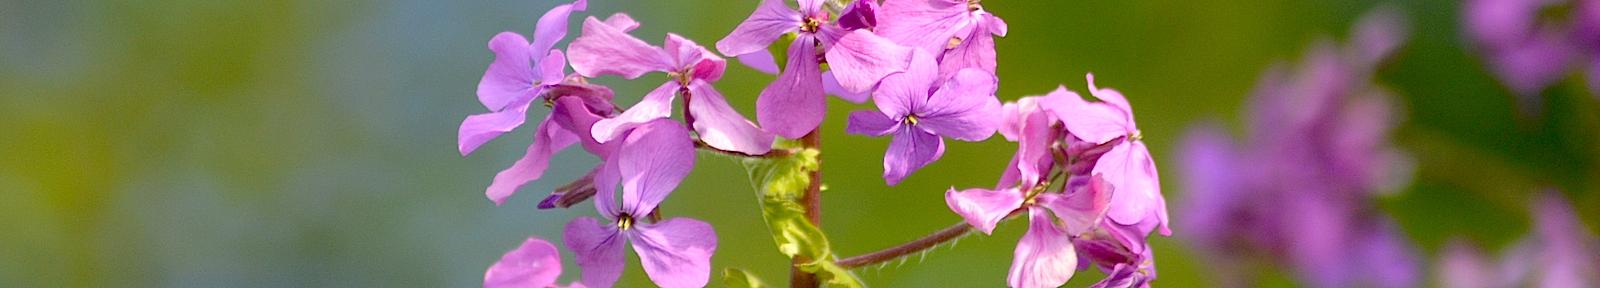 Цветы Глебу Травину.